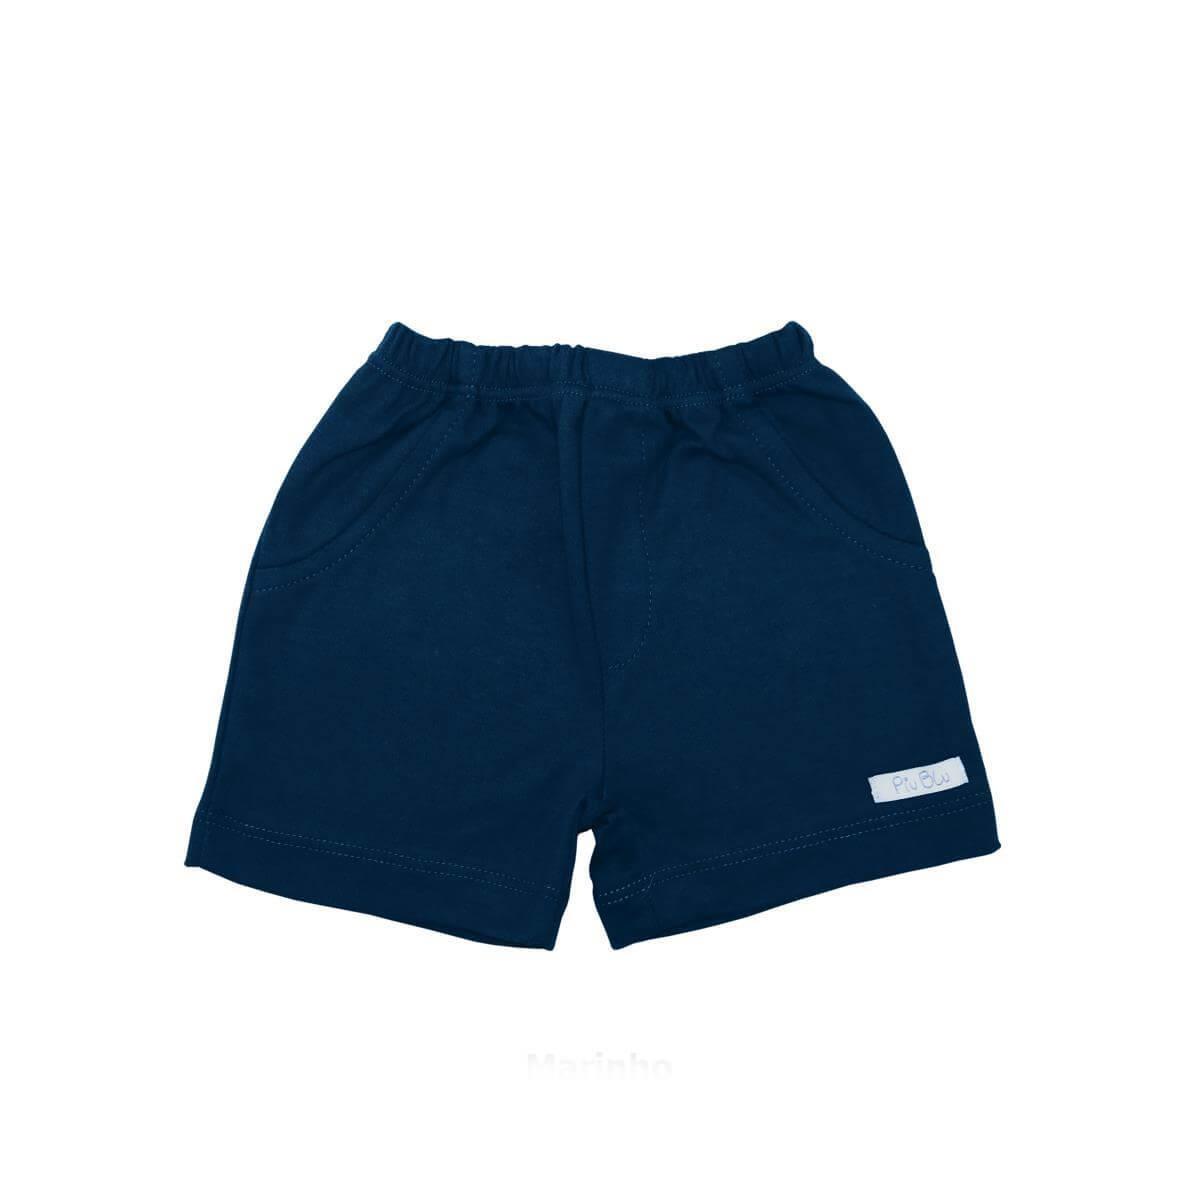 Shorts Masculino Azul Marinho